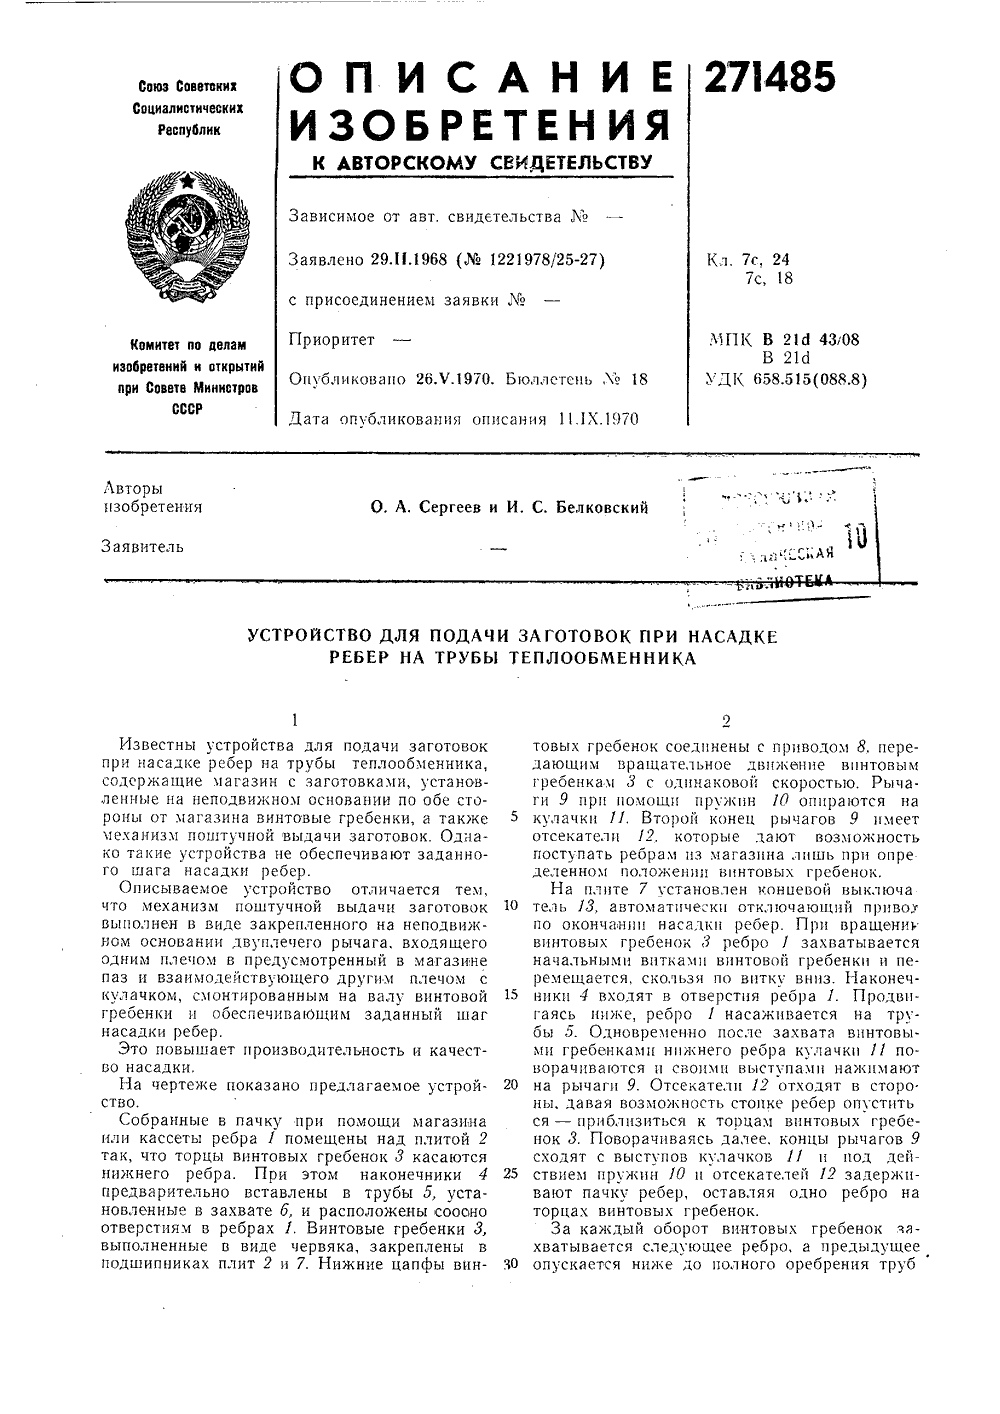 Пластины теплообменника КС 17 Серов Кожухотрубный испаритель ONDA PE-G 7 Рязань